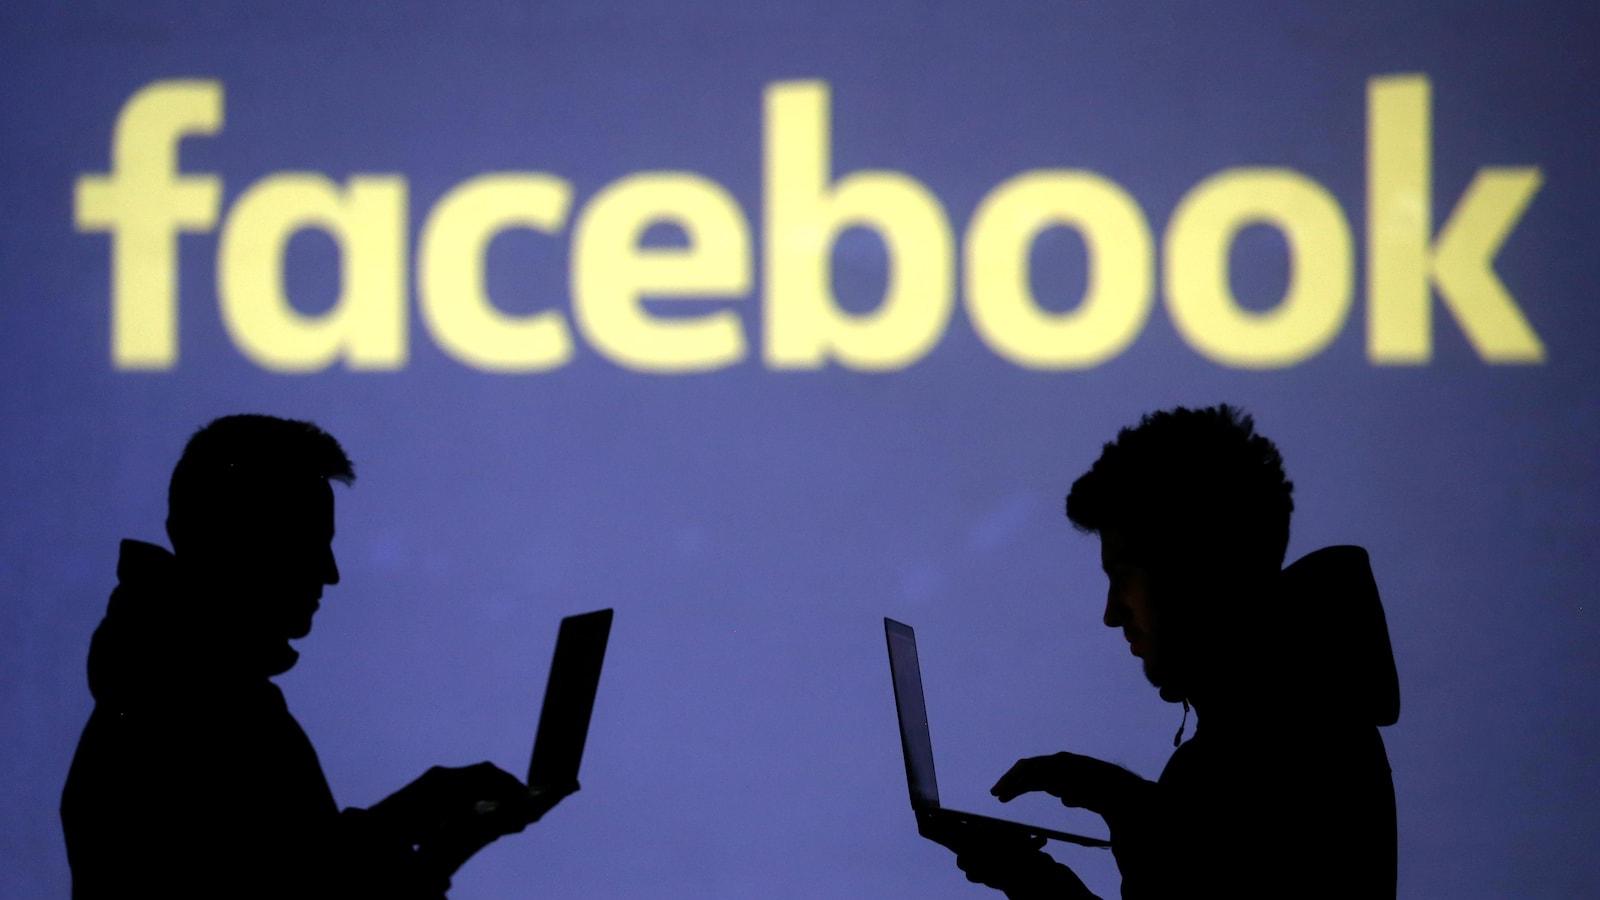 Des silhouettes de personnes devant un logo Facebook.